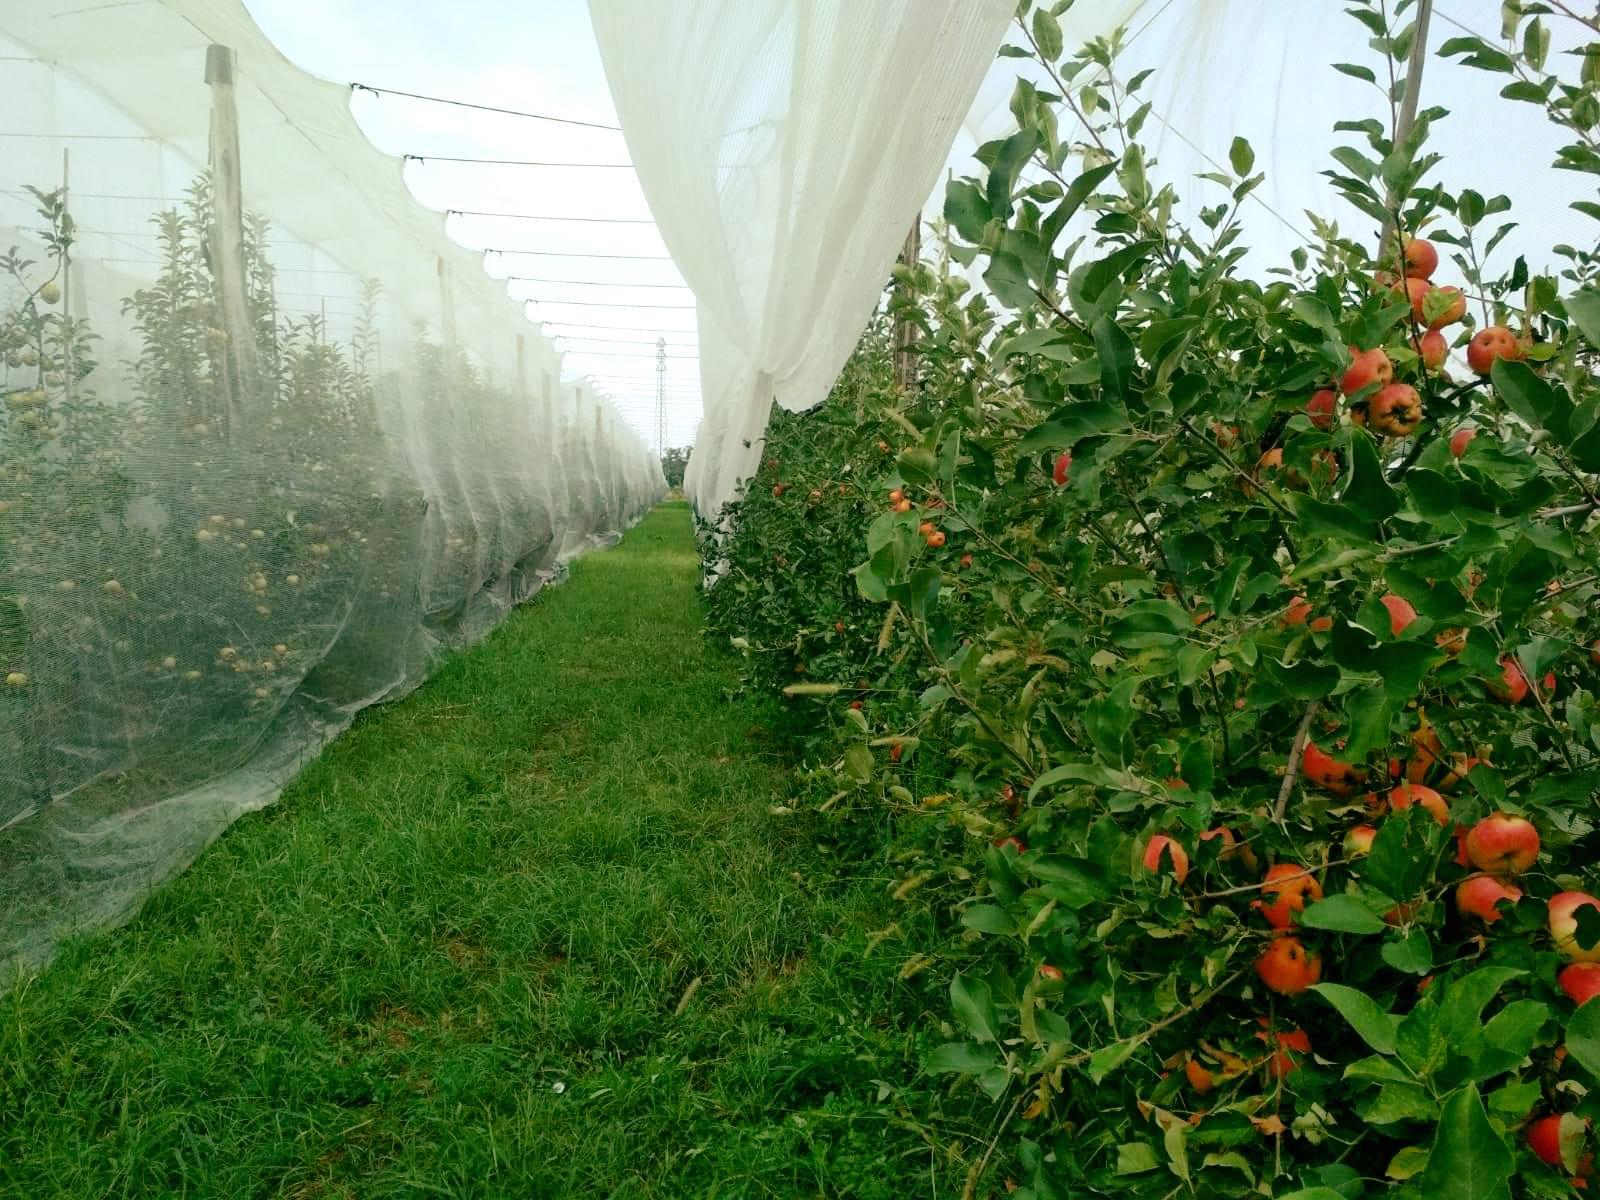 Settembre è il mese delle mele A Frutta In Campo puoi coglierle sull'albero La bontà che non ti aspetti nei campi di Milano